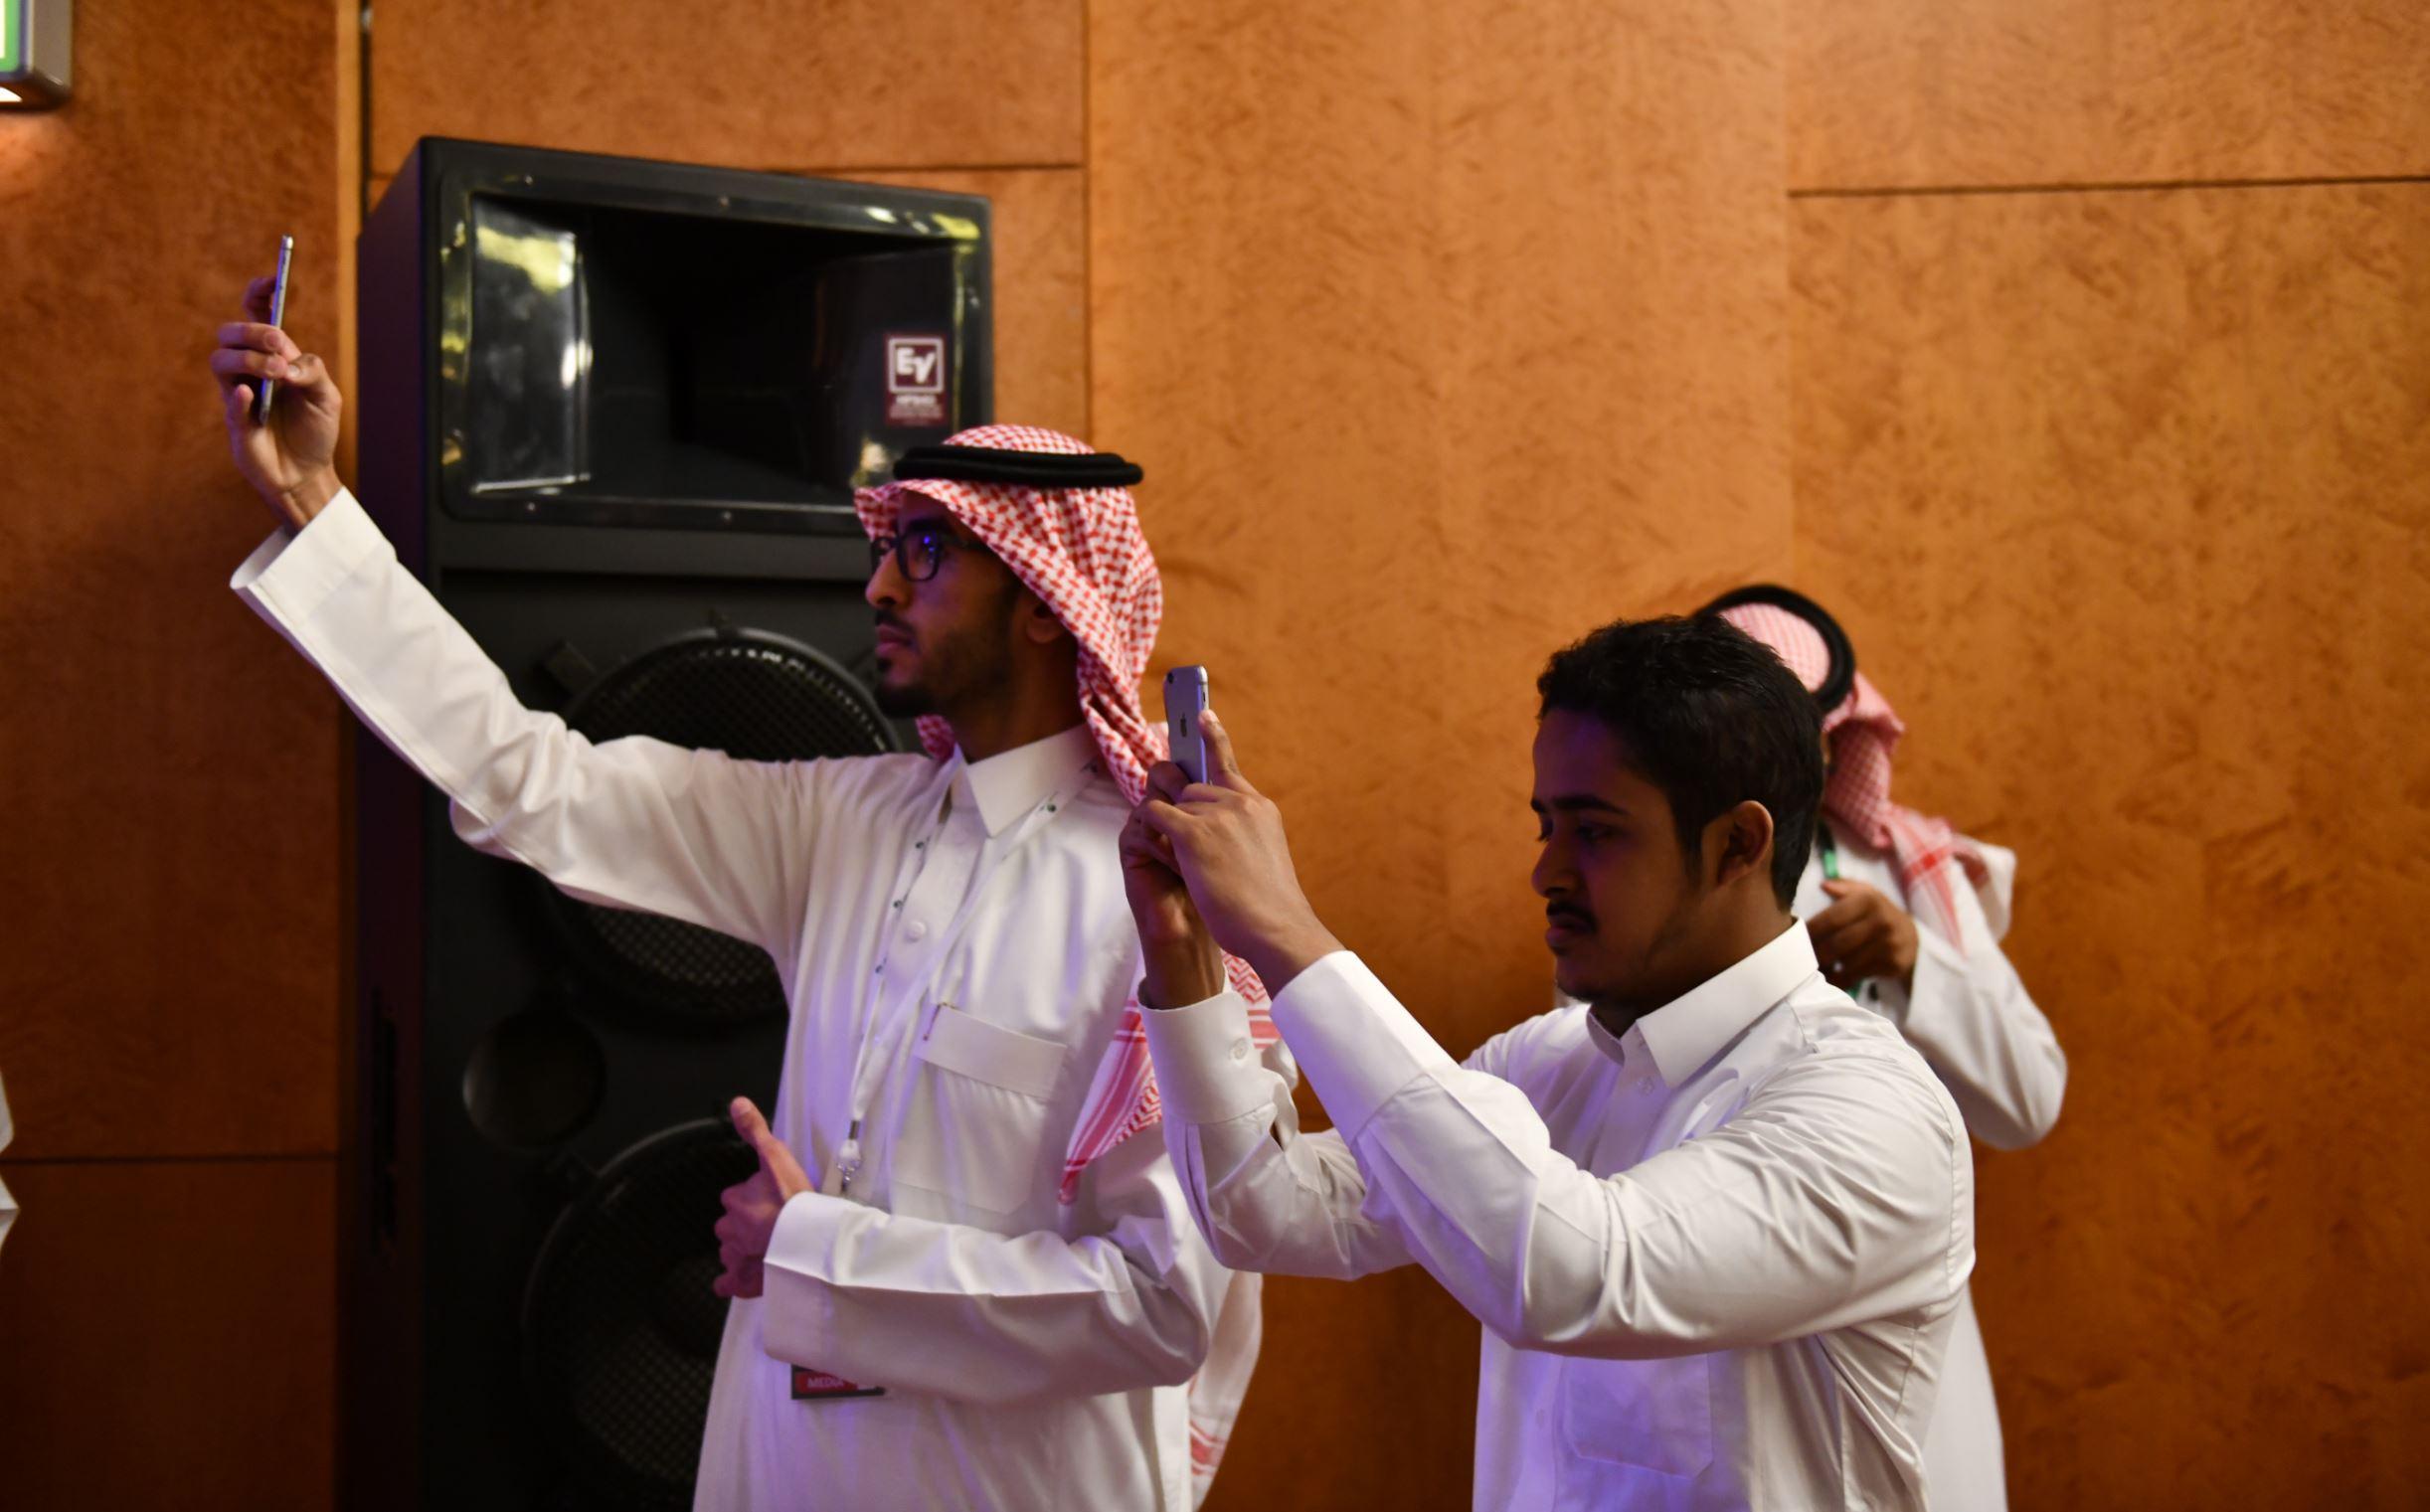 Sultan Al Gahtani, un des représentant de l'Autorité du divertissement, assure que ce ne sont que les prémices d'une programmation riche destinée à la jeunesse saoudienne.